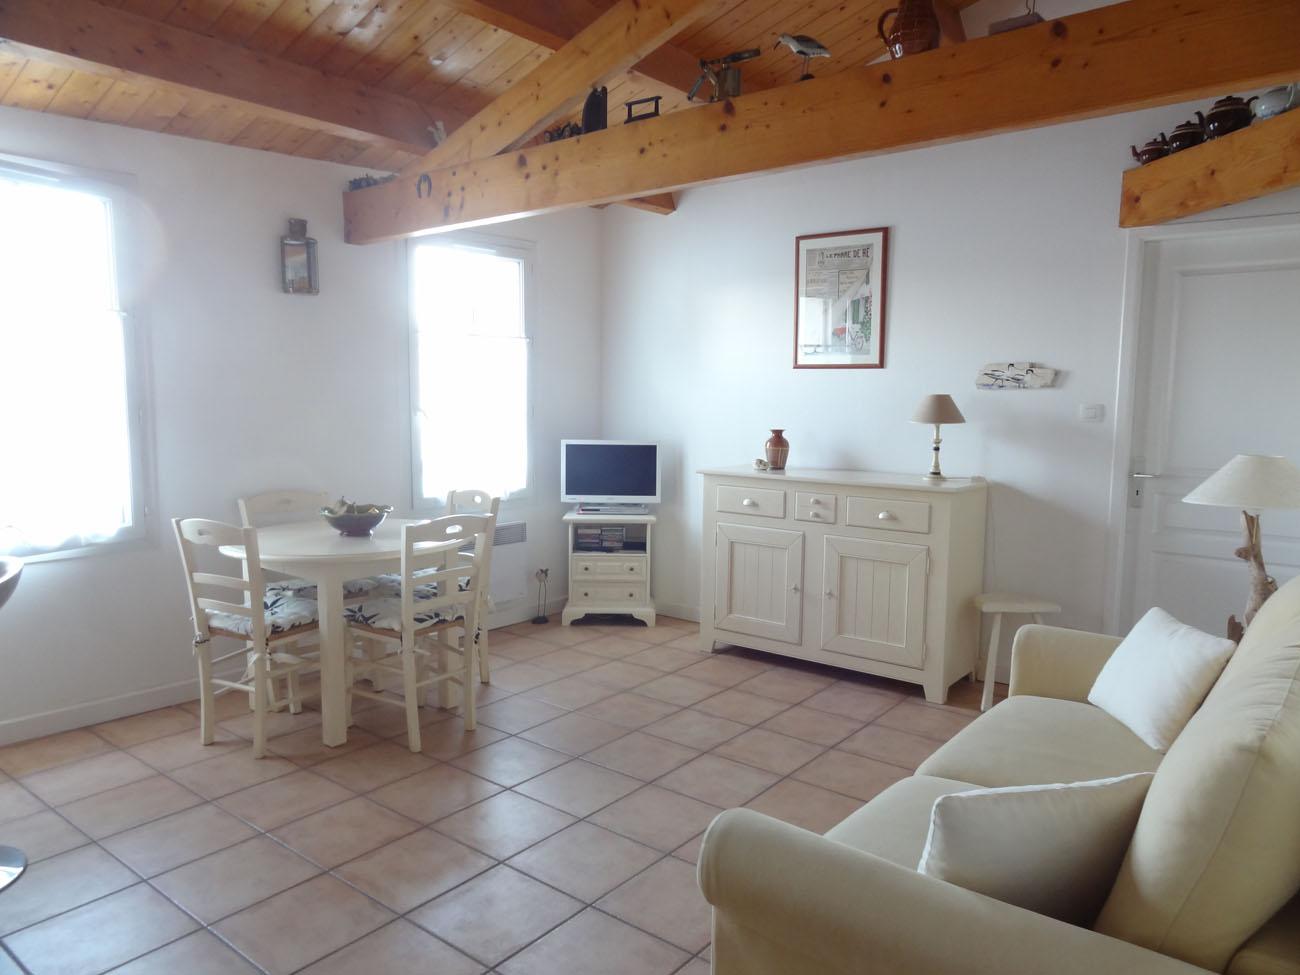 Location appartement Ile de Ré - Silène - Salon